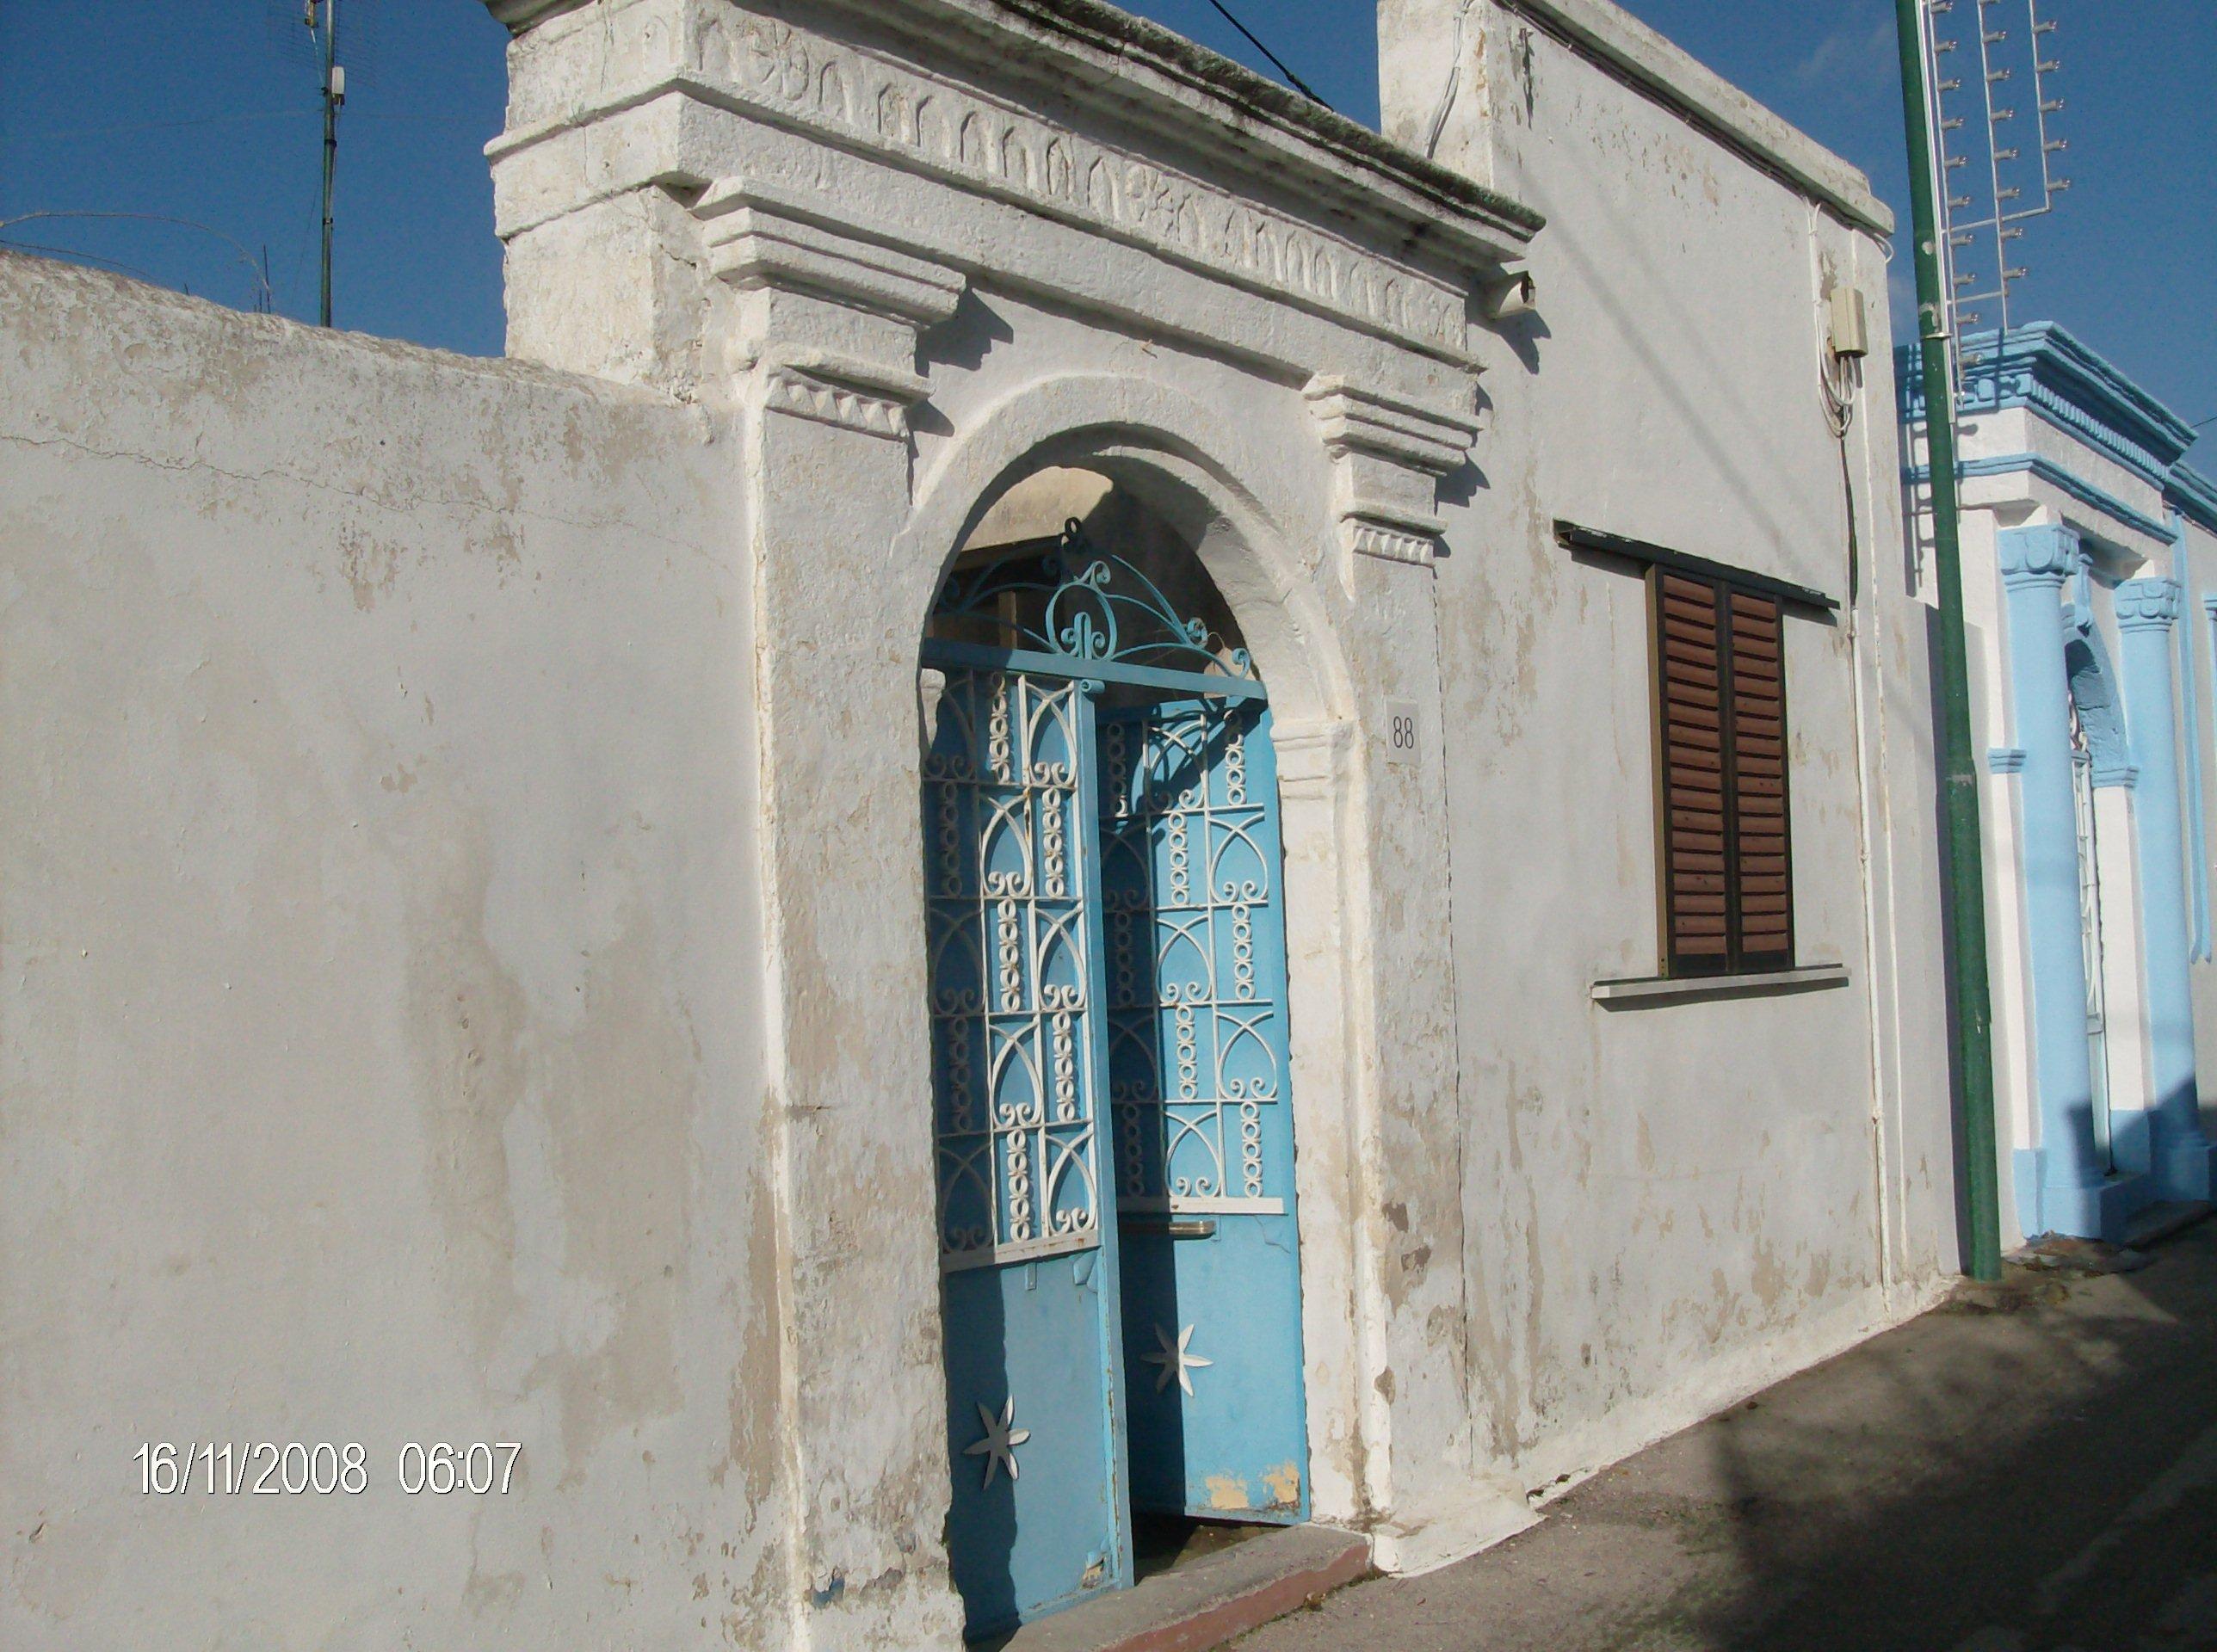 Παραδοσιακή μονοκατοικία στα Κοσκινού, ΚΑP-131